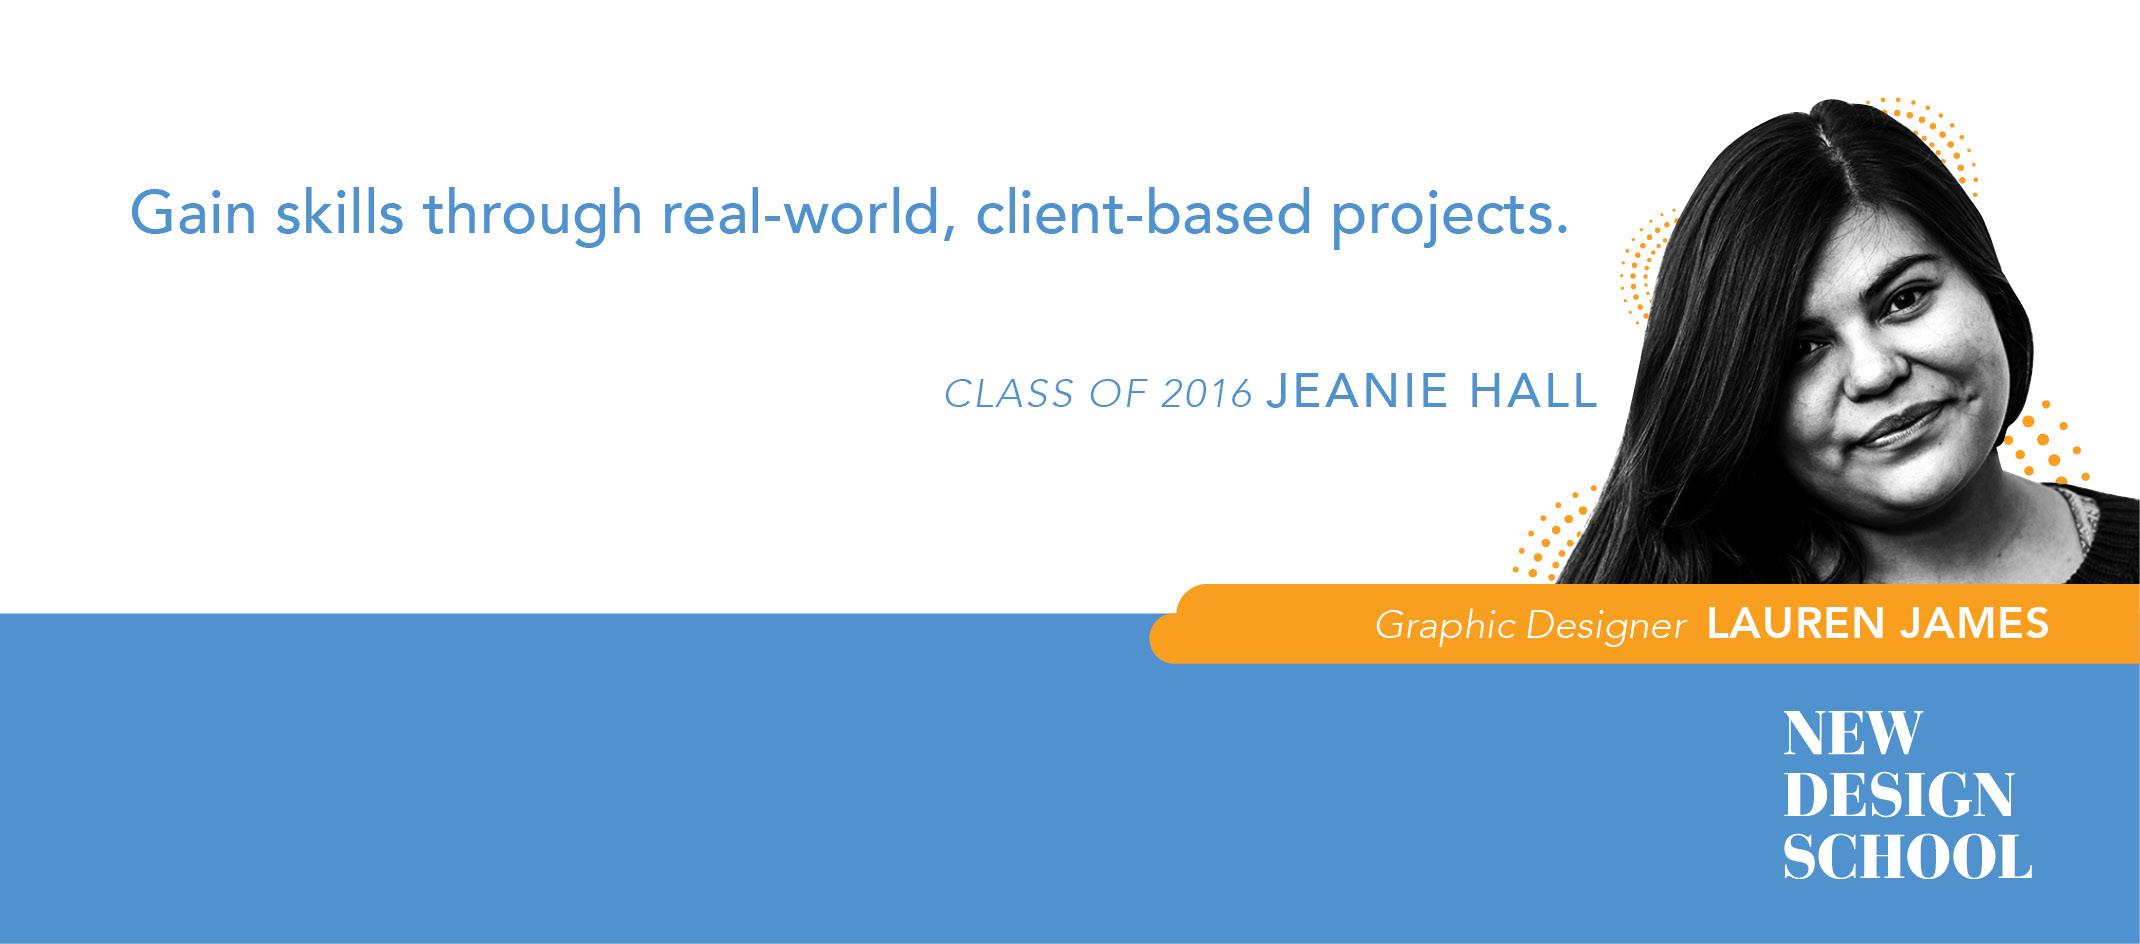 Jeanie Hall Class of 2016